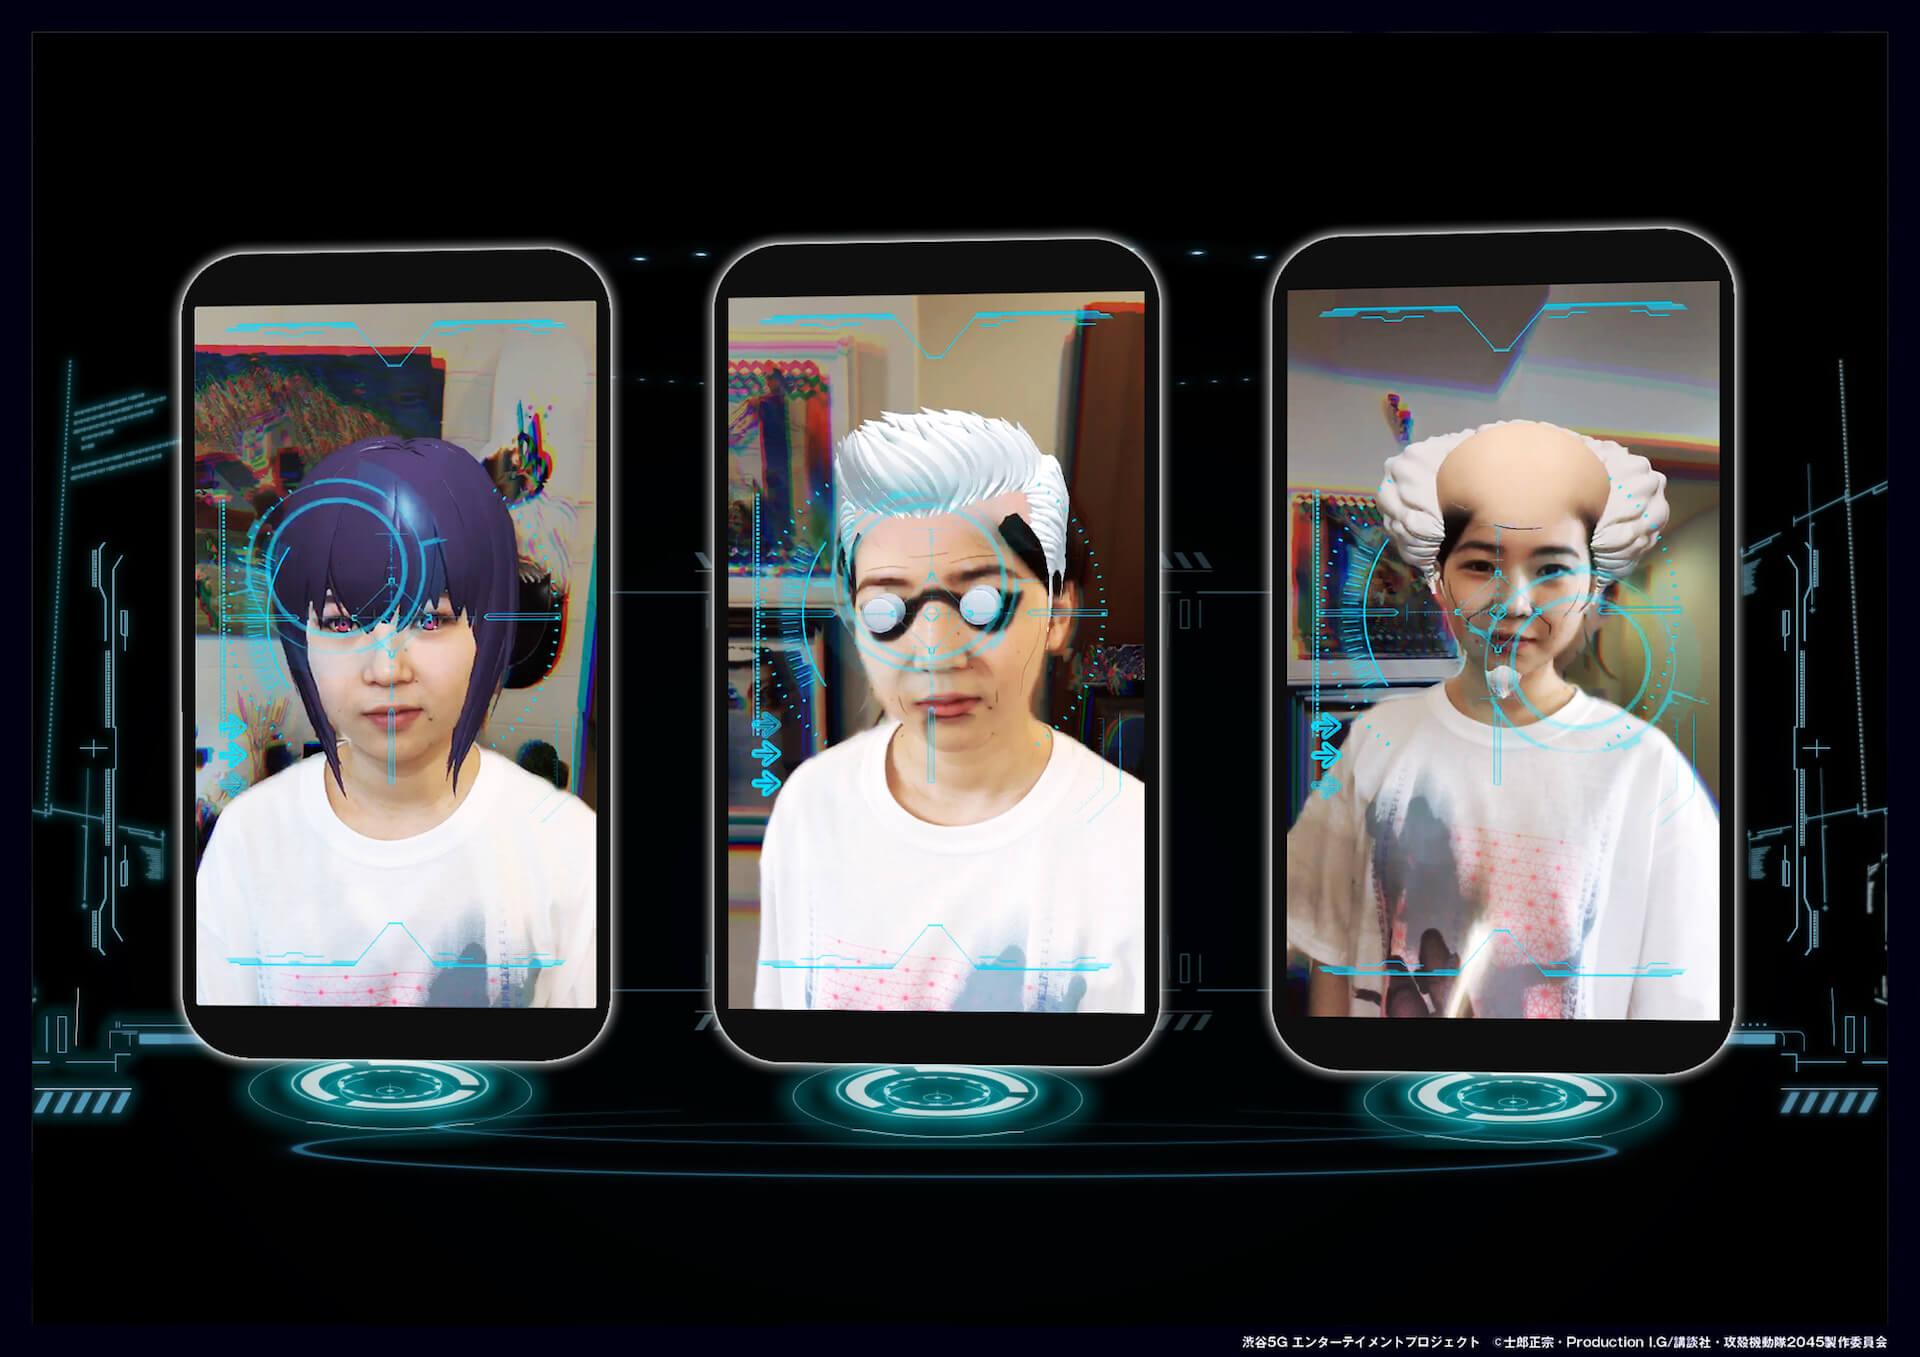 素子、バトー、タチコマがあなたの目の前に!本日配信スタートNetflix『攻殻機動隊 SAC_2045』とKDDIのコラボ施策「UNLIMITED REALITY」がスタート tech200423_au_ghostintheshell_9